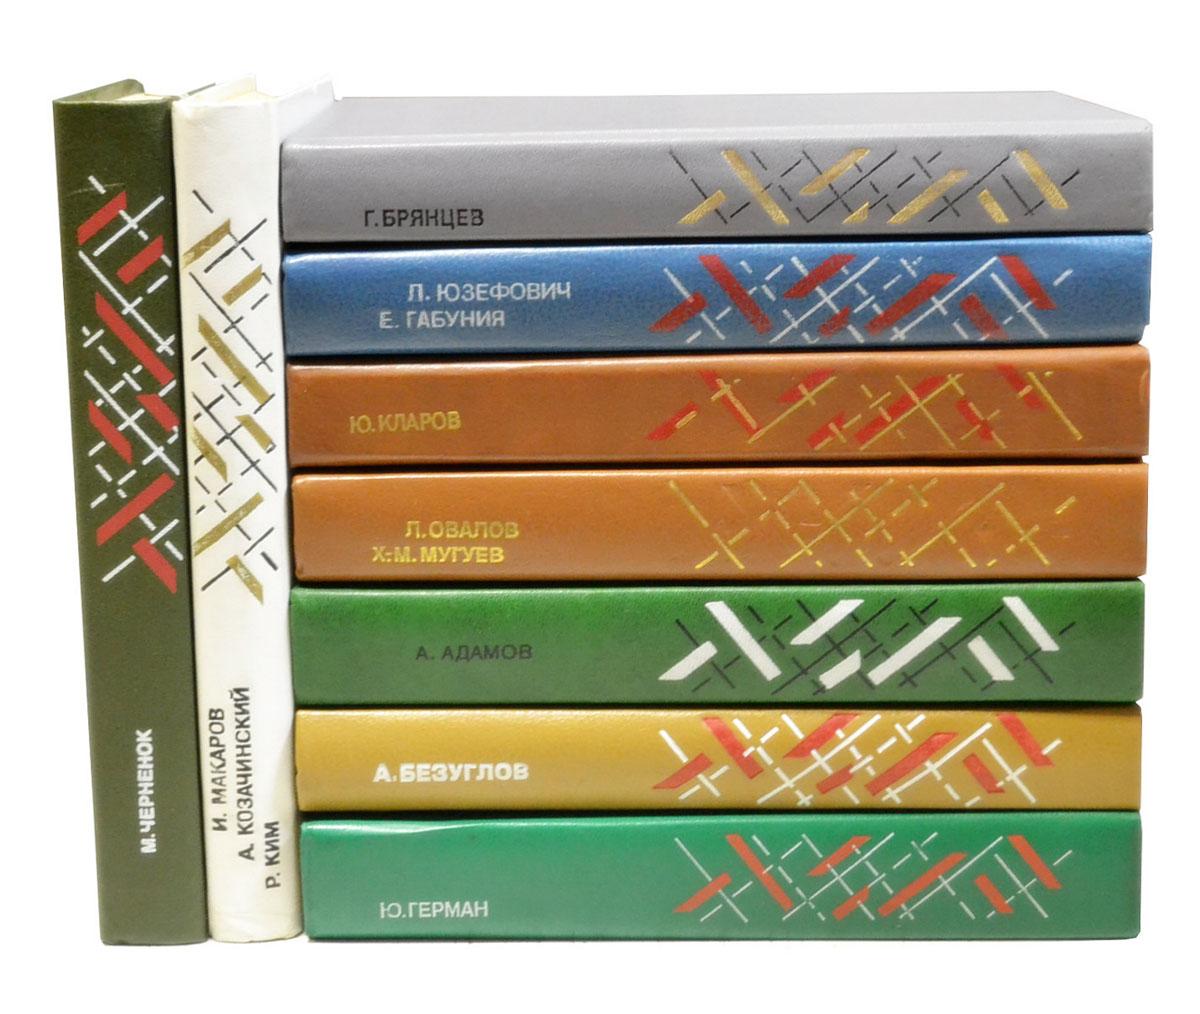 Серия Советский детектив (комплект из 9 книг) анджей сапковский серия век дракона комплект из 9 книг